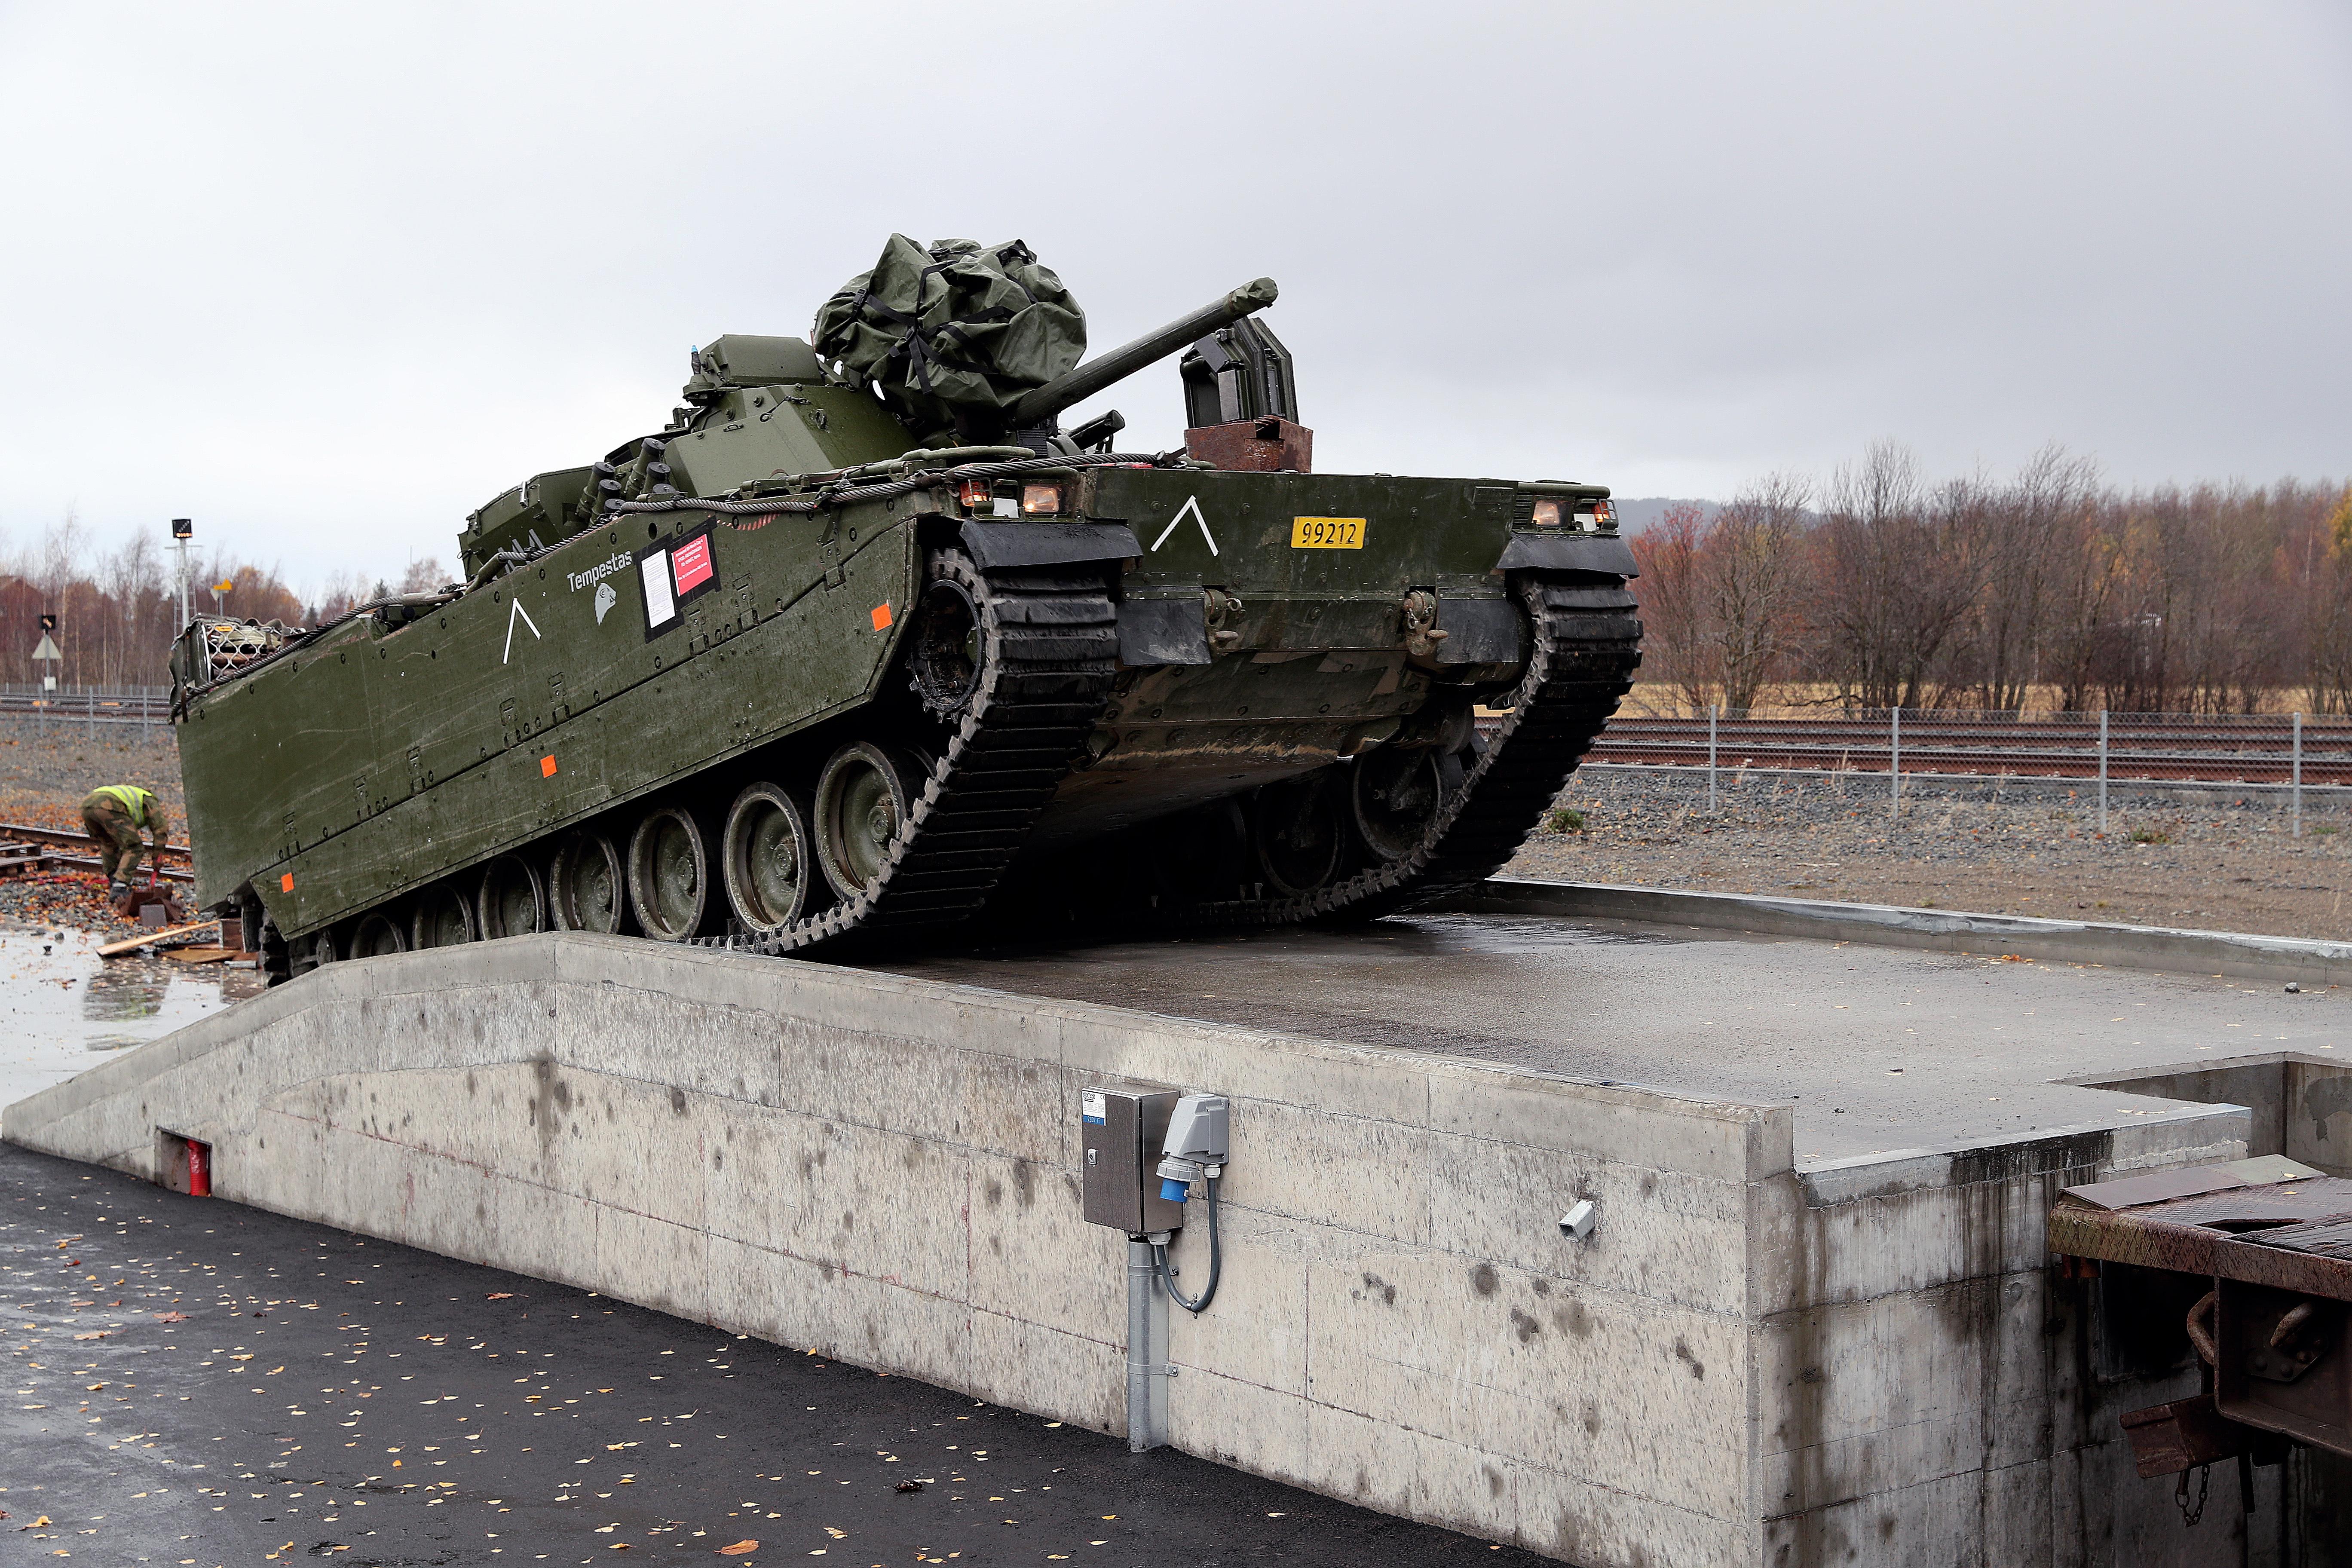 Rusija planira testirati projektile usred vojnih vježbi NATO-a